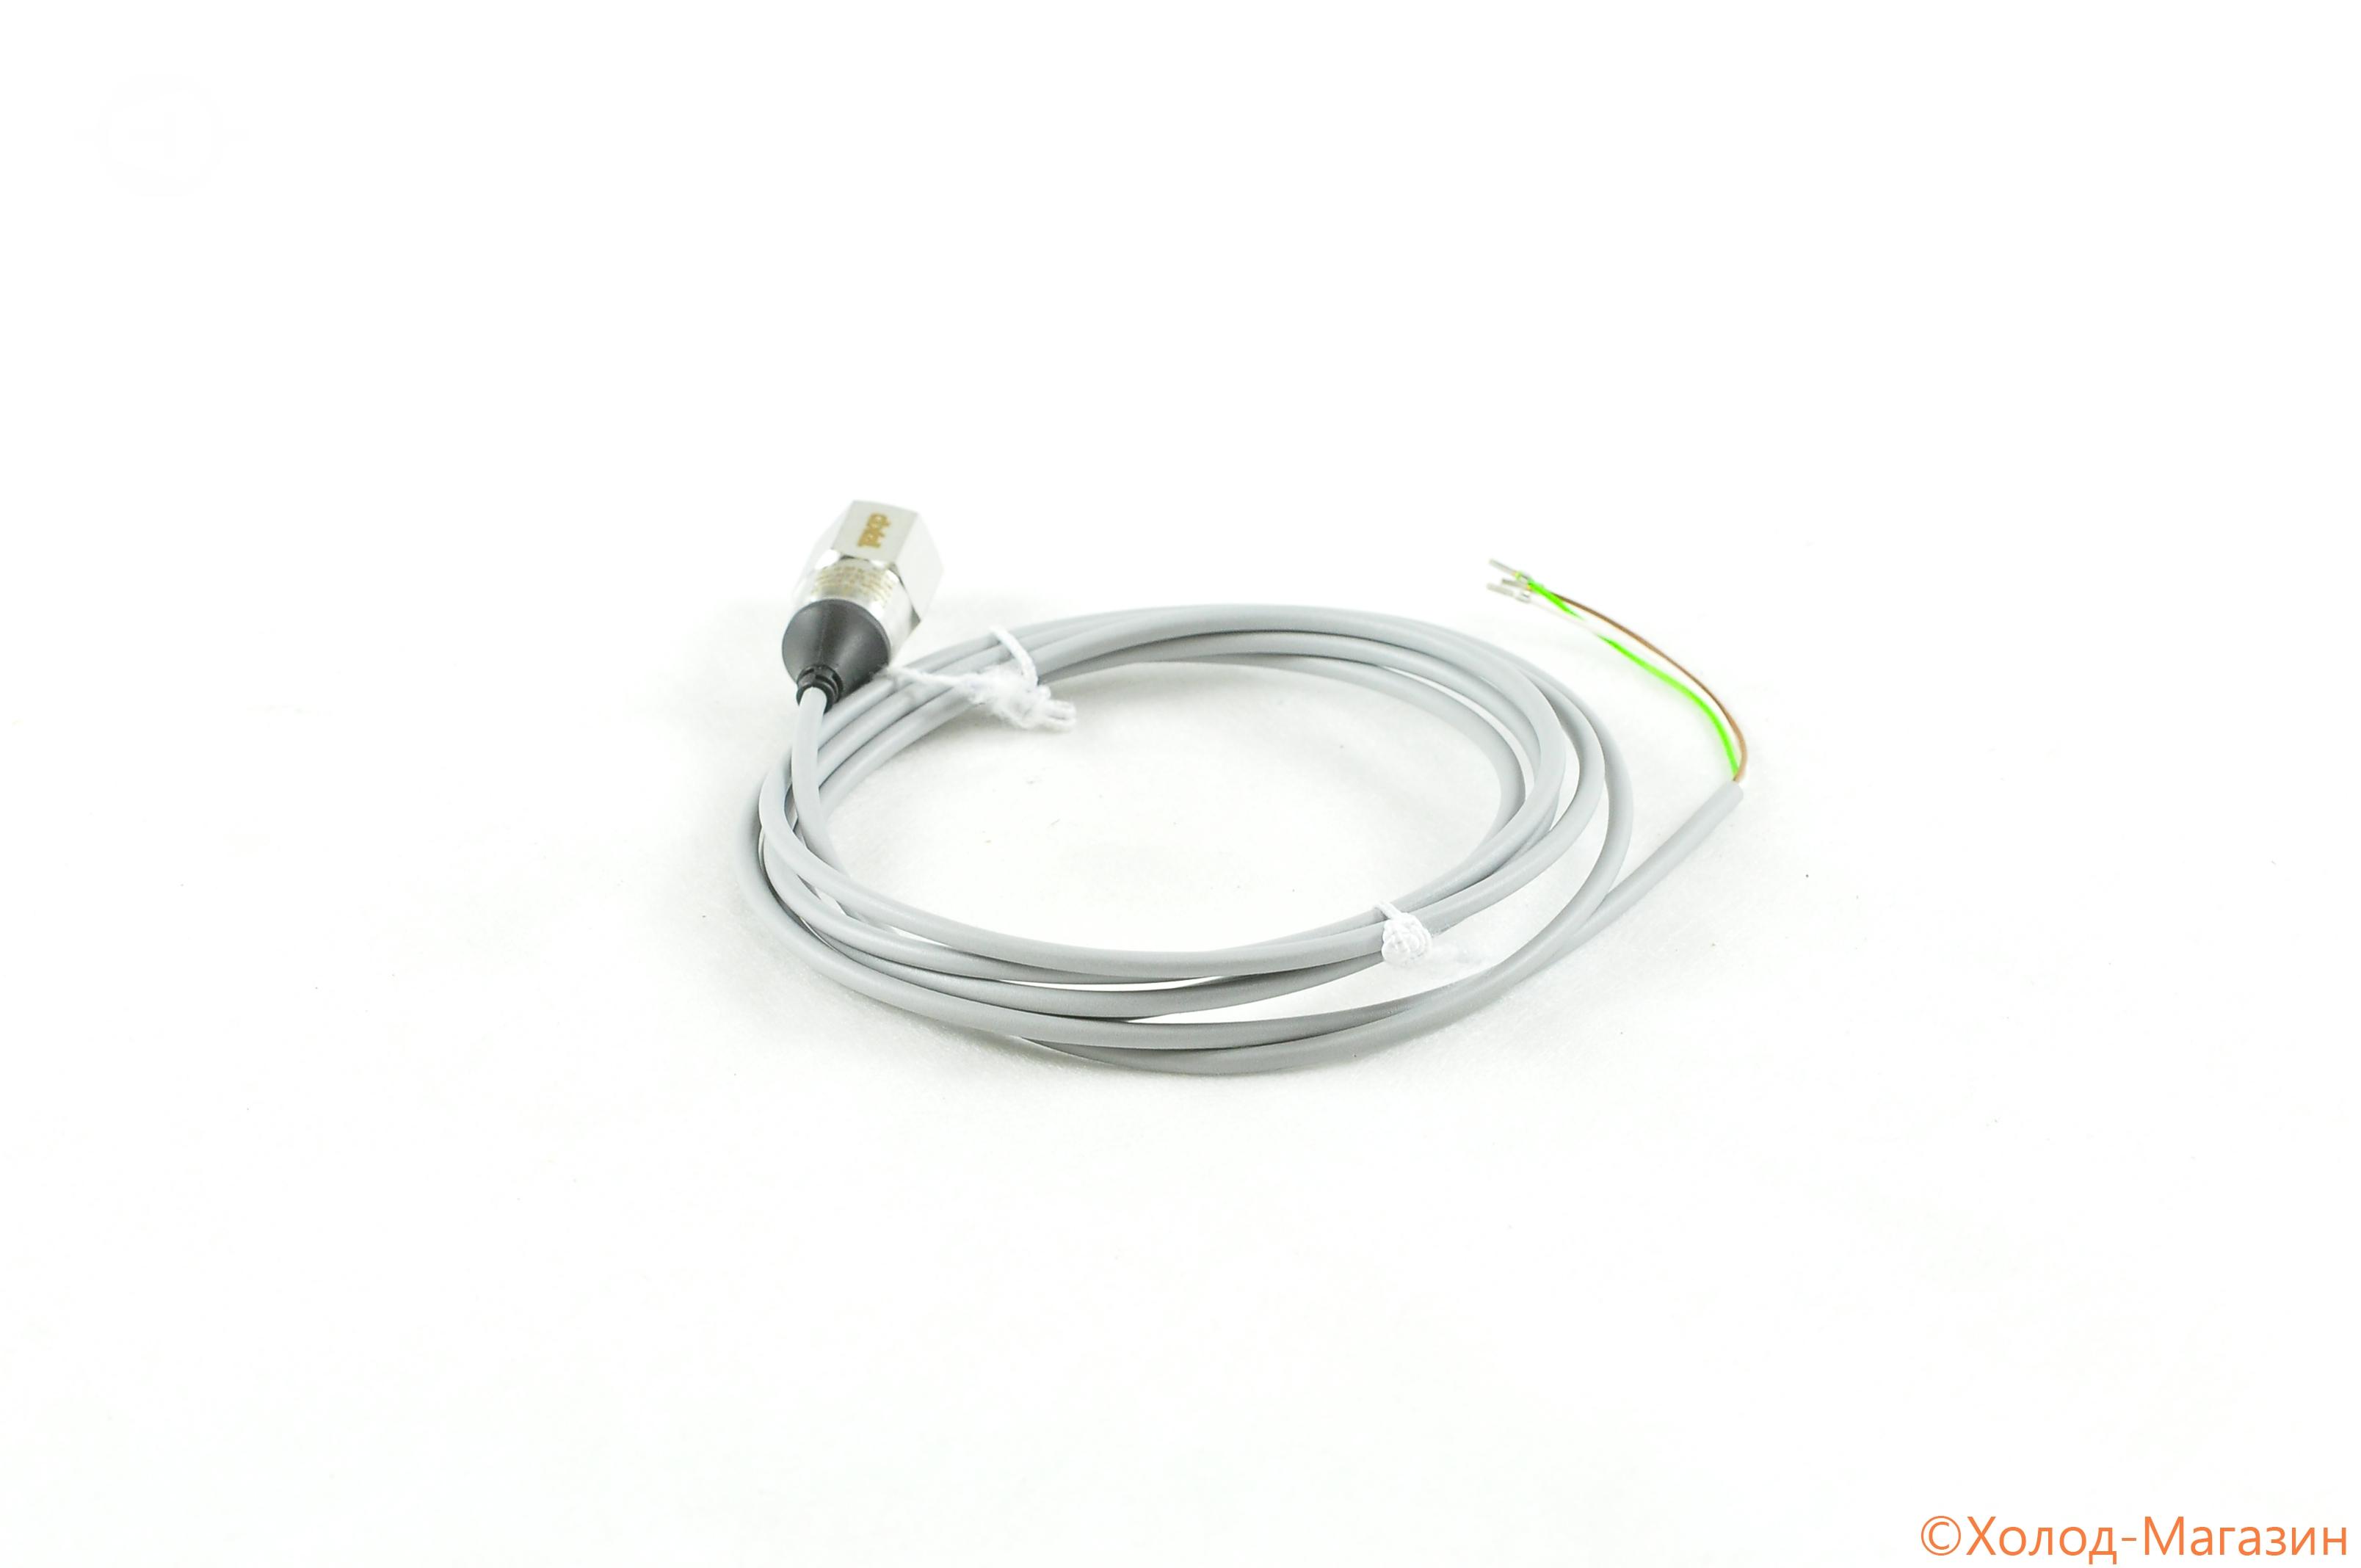 Датчик давления Dixell PPR30 2,0MT PVC KLR 0+35 BAR RAT FE 4...20mA